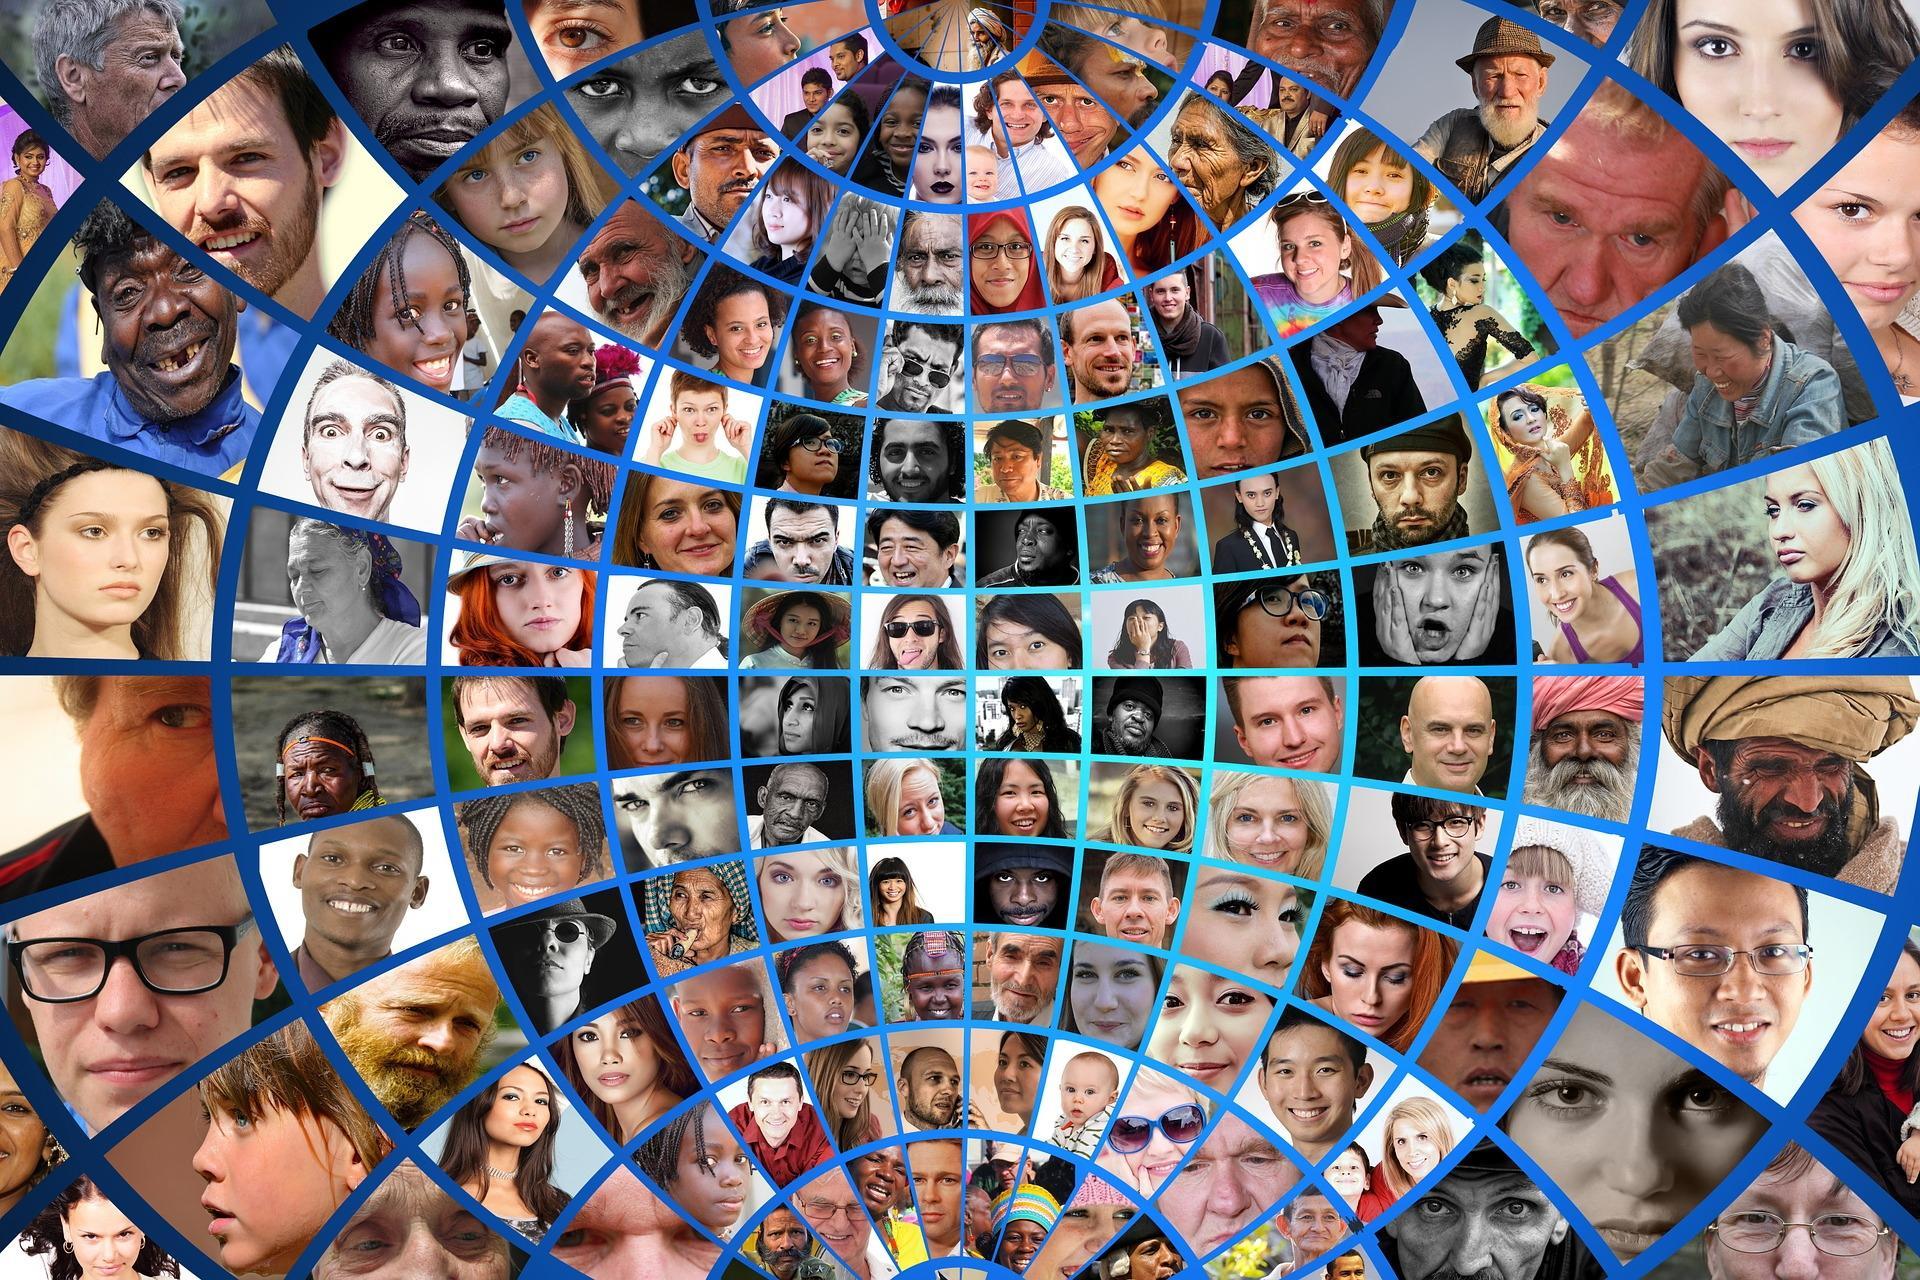 Paljon erilaisten ihmisten kasvoja maapallon muotoon tehdyssä ruudukossa